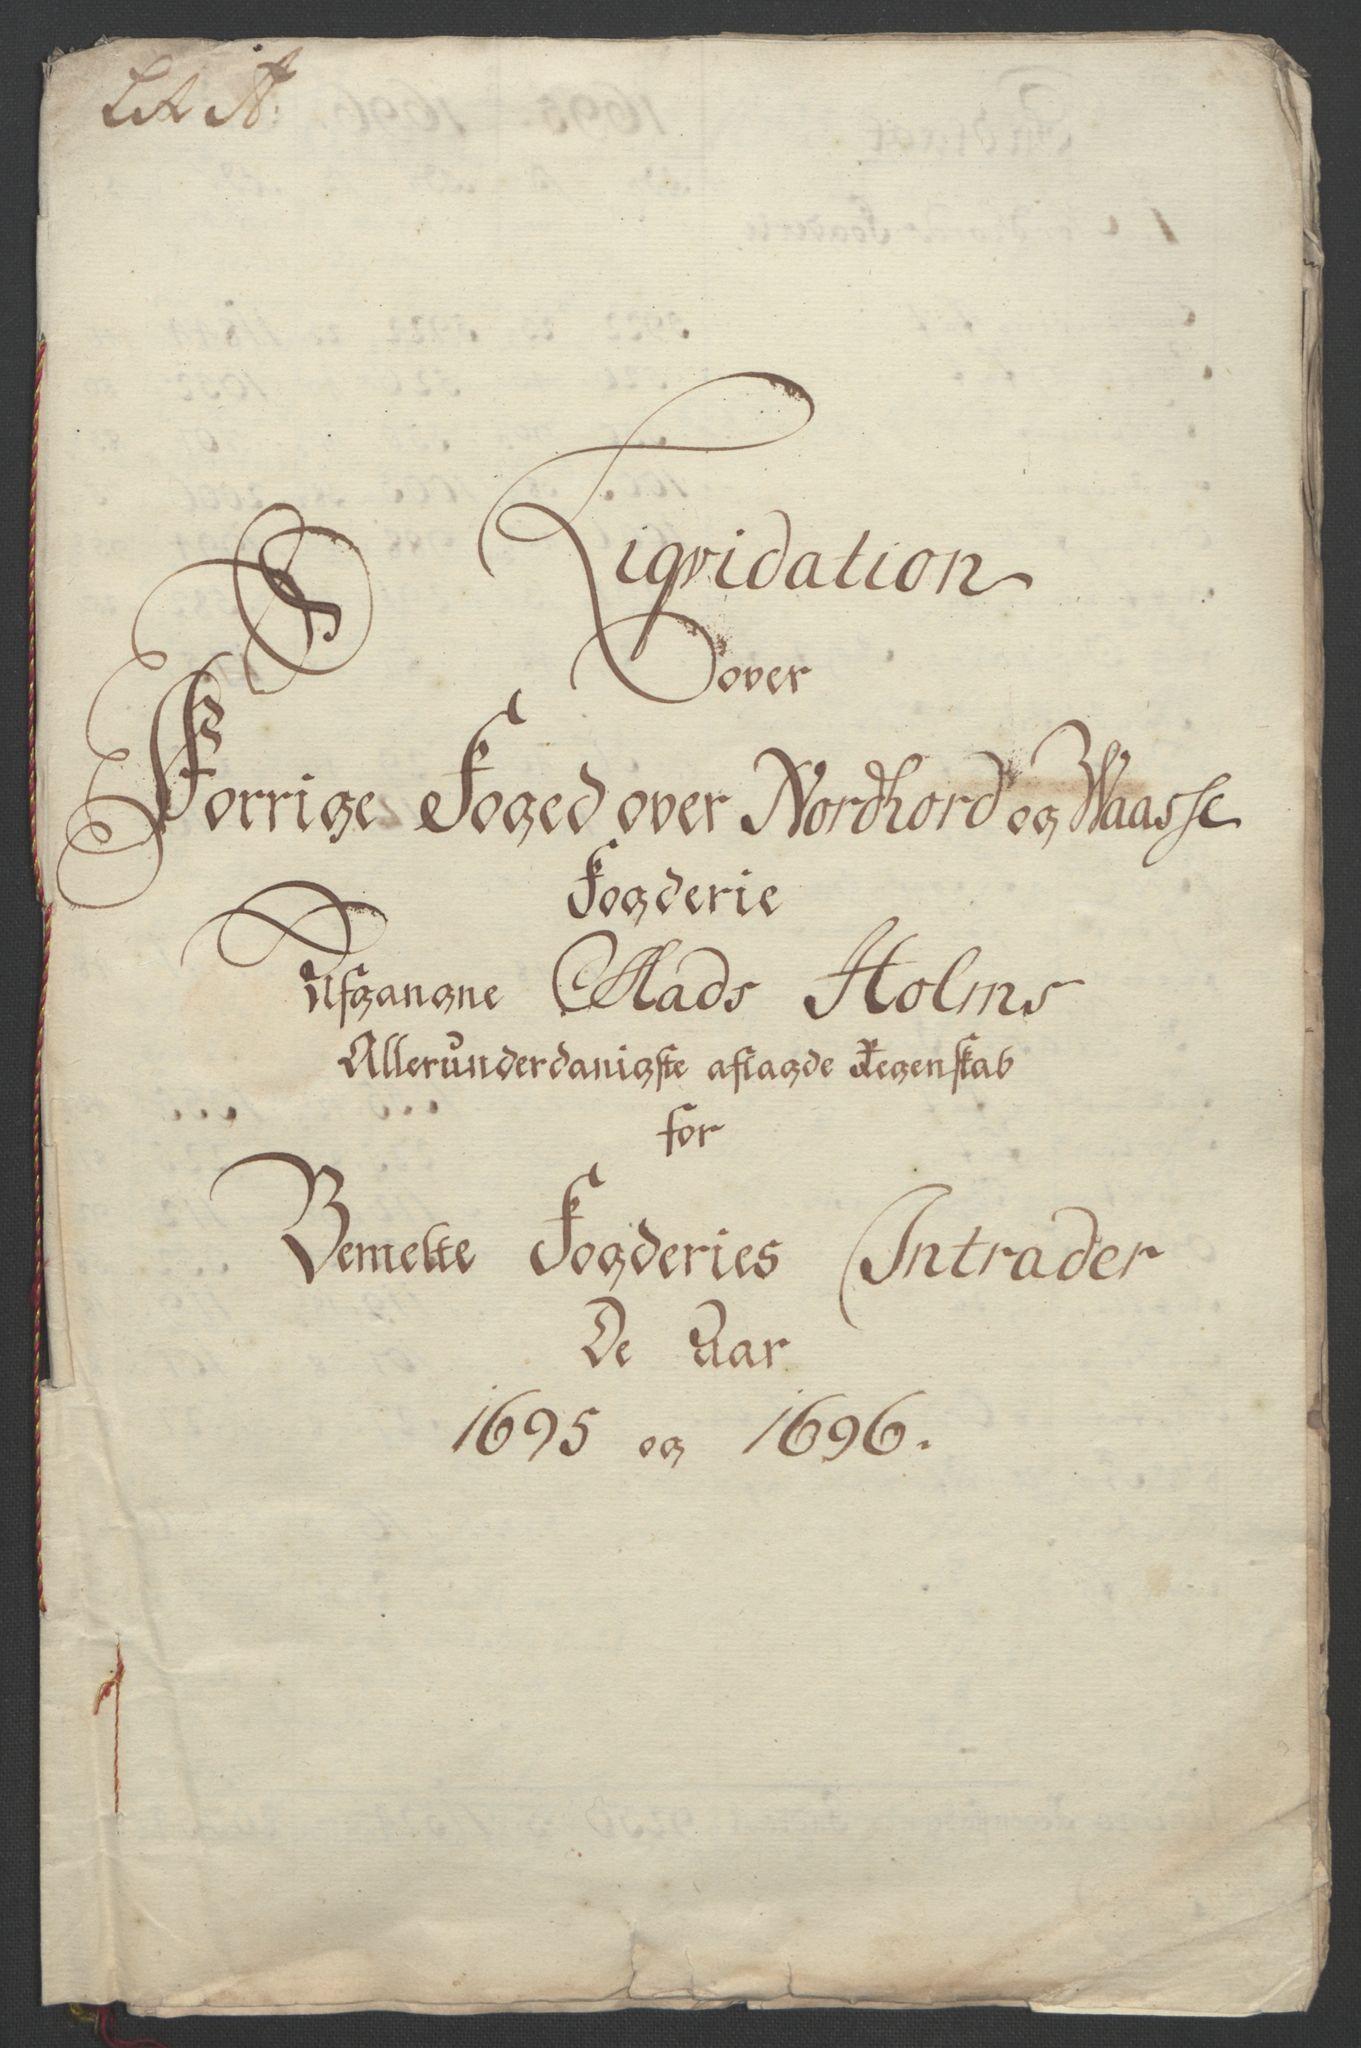 RA, Rentekammeret inntil 1814, Reviderte regnskaper, Fogderegnskap, R51/L3183: Fogderegnskap Nordhordland og Voss, 1695-1697, s. 273